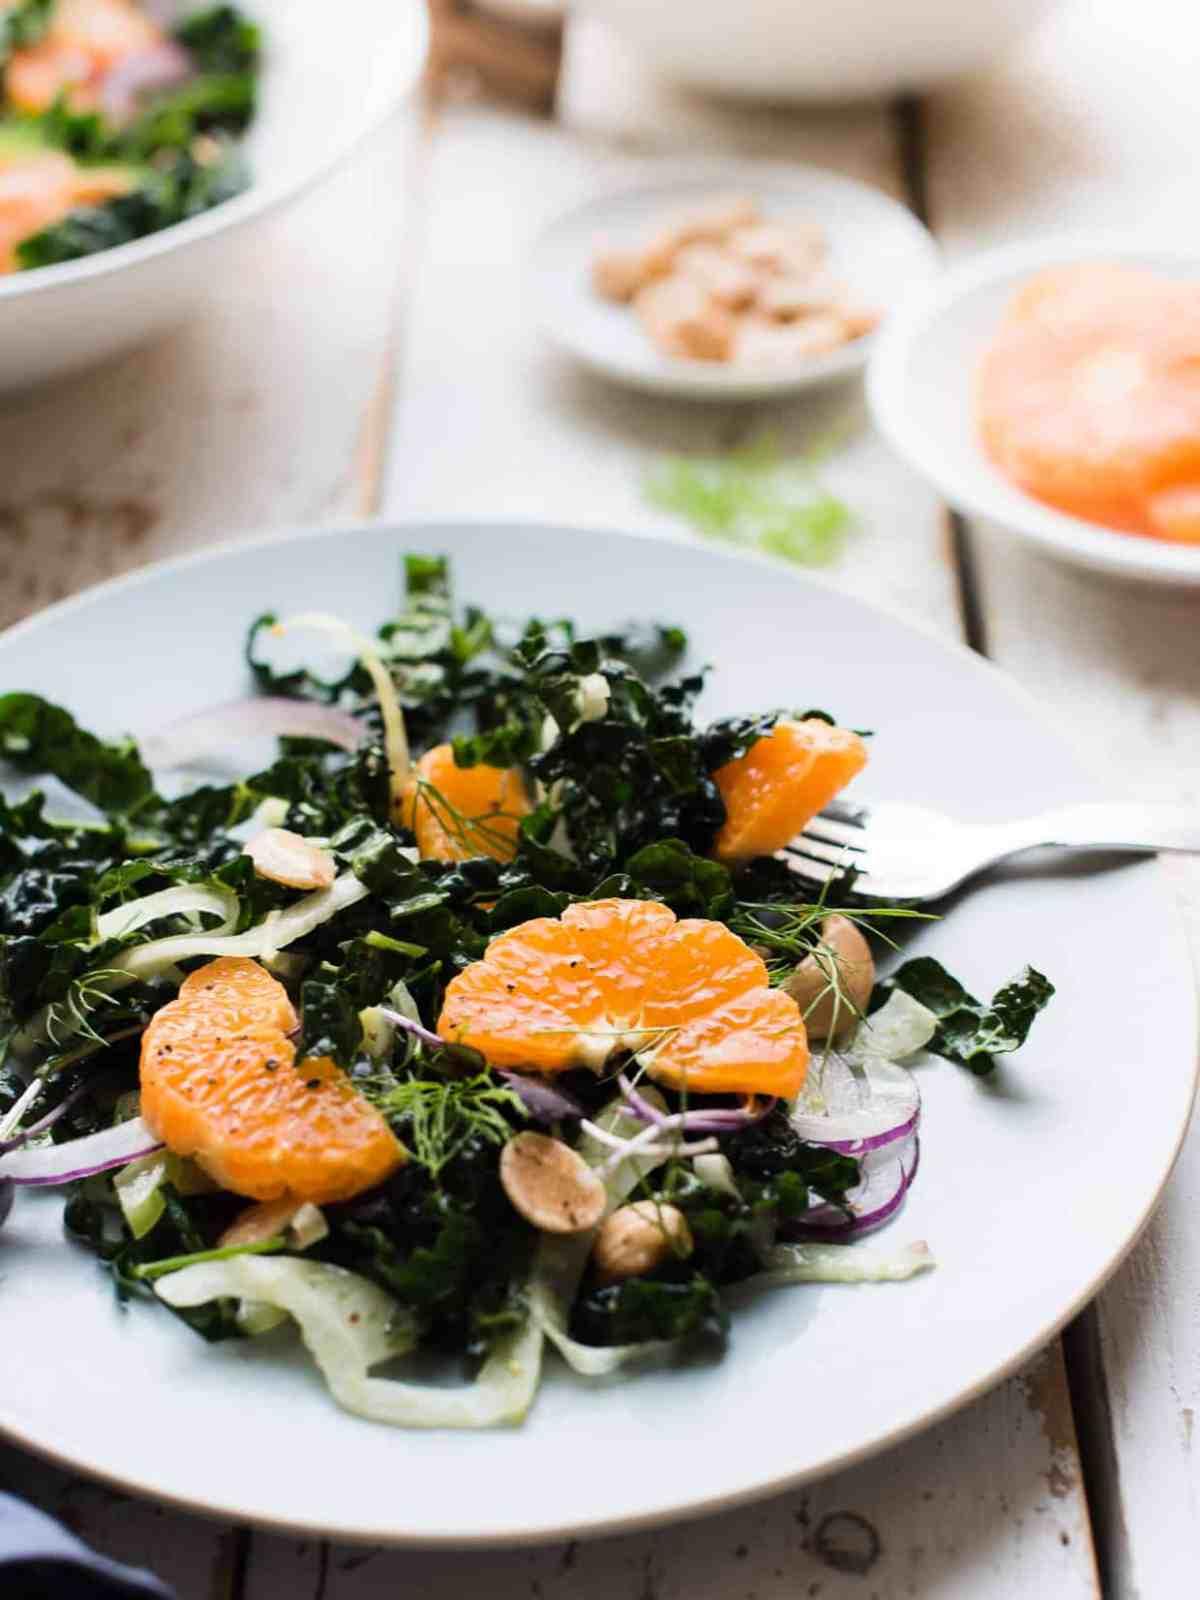 Serving of mandarin orange kale salad on a light blue salad plate